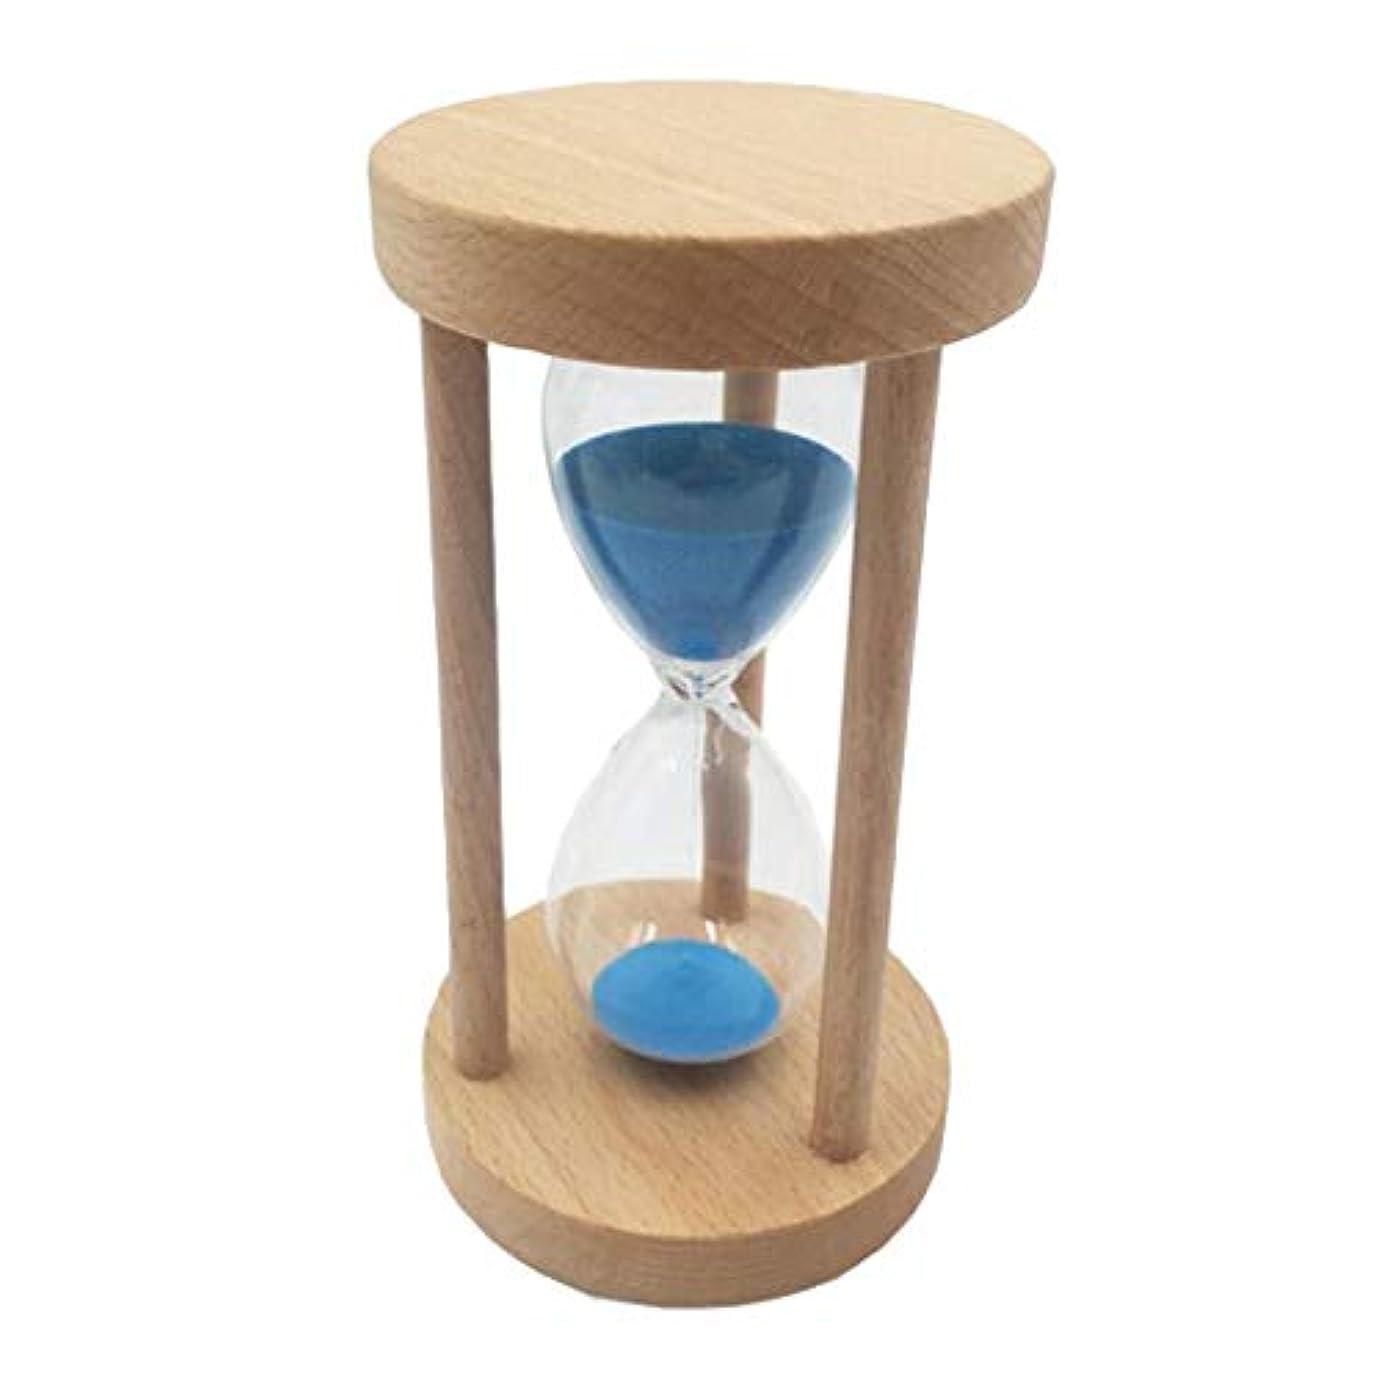 夫婦抑止する議会砂時計 レストランタイマー ゲームタイマー 訓練砂時計 持ち運び便利 実用性 使いやすさ 全4種類 - 12分